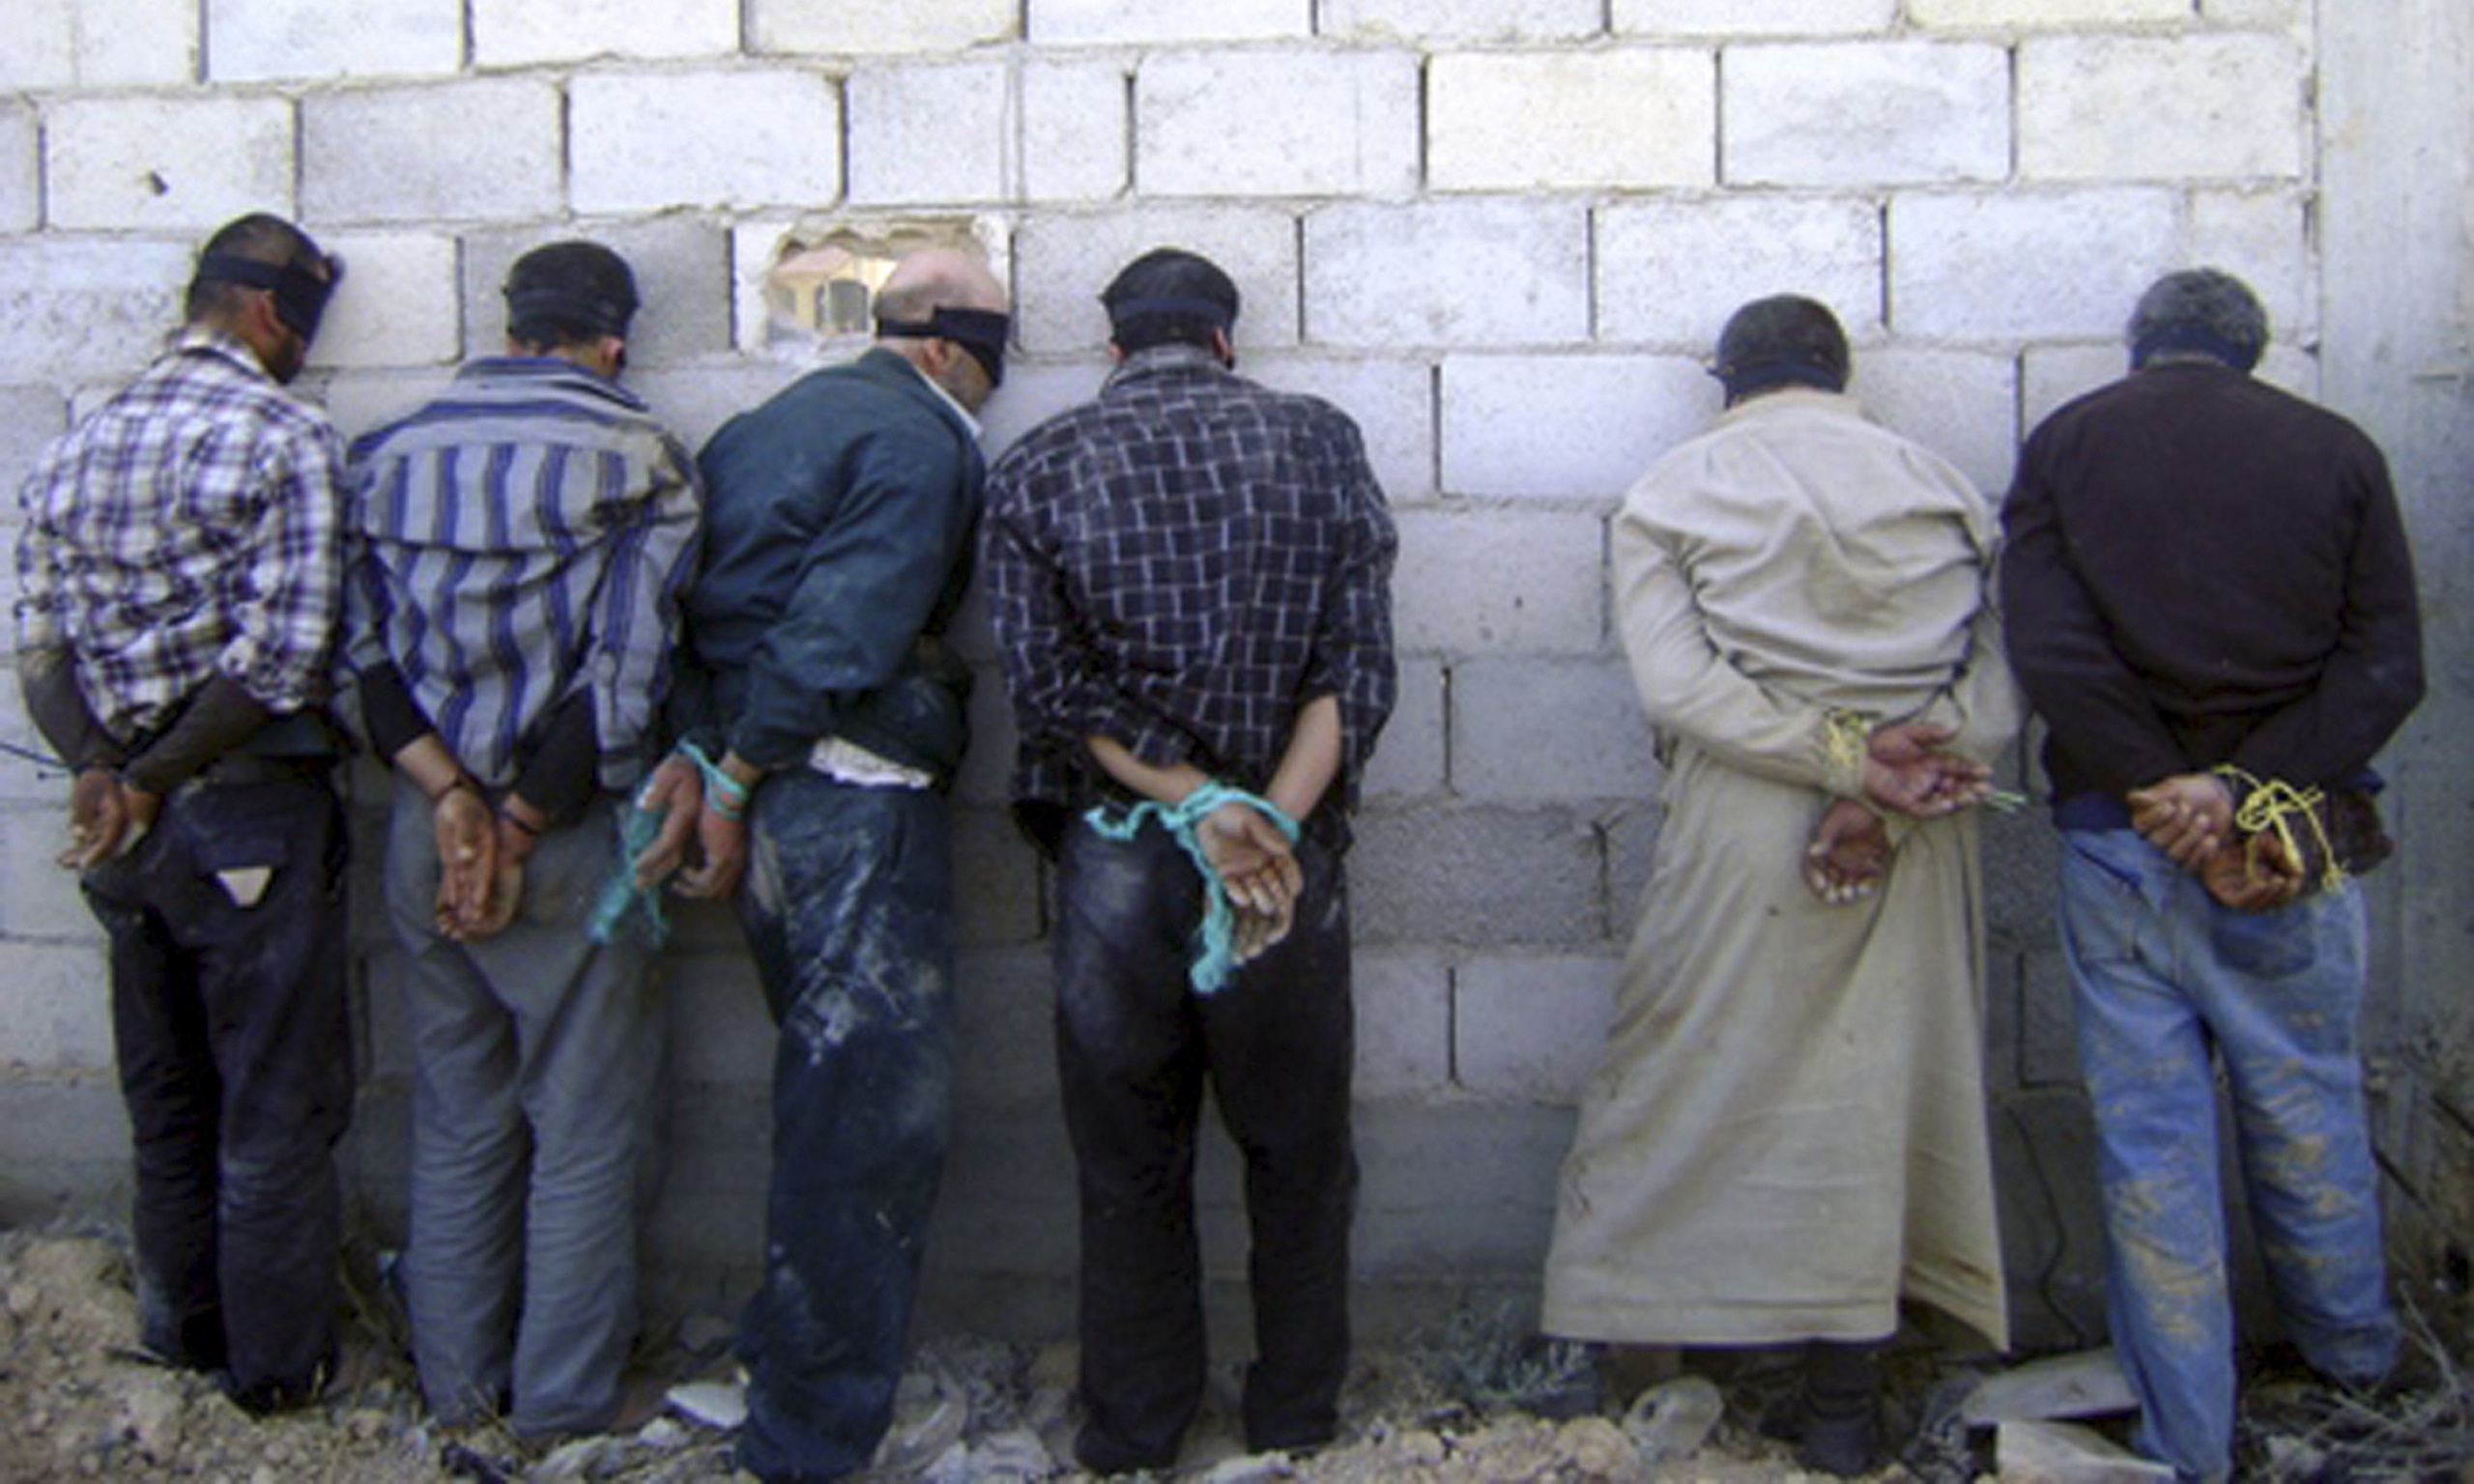 آمار تکاندهنده از جنایت بشار اسد، ۶۰هزار نفر در زندانهای سوریه کشته شدند